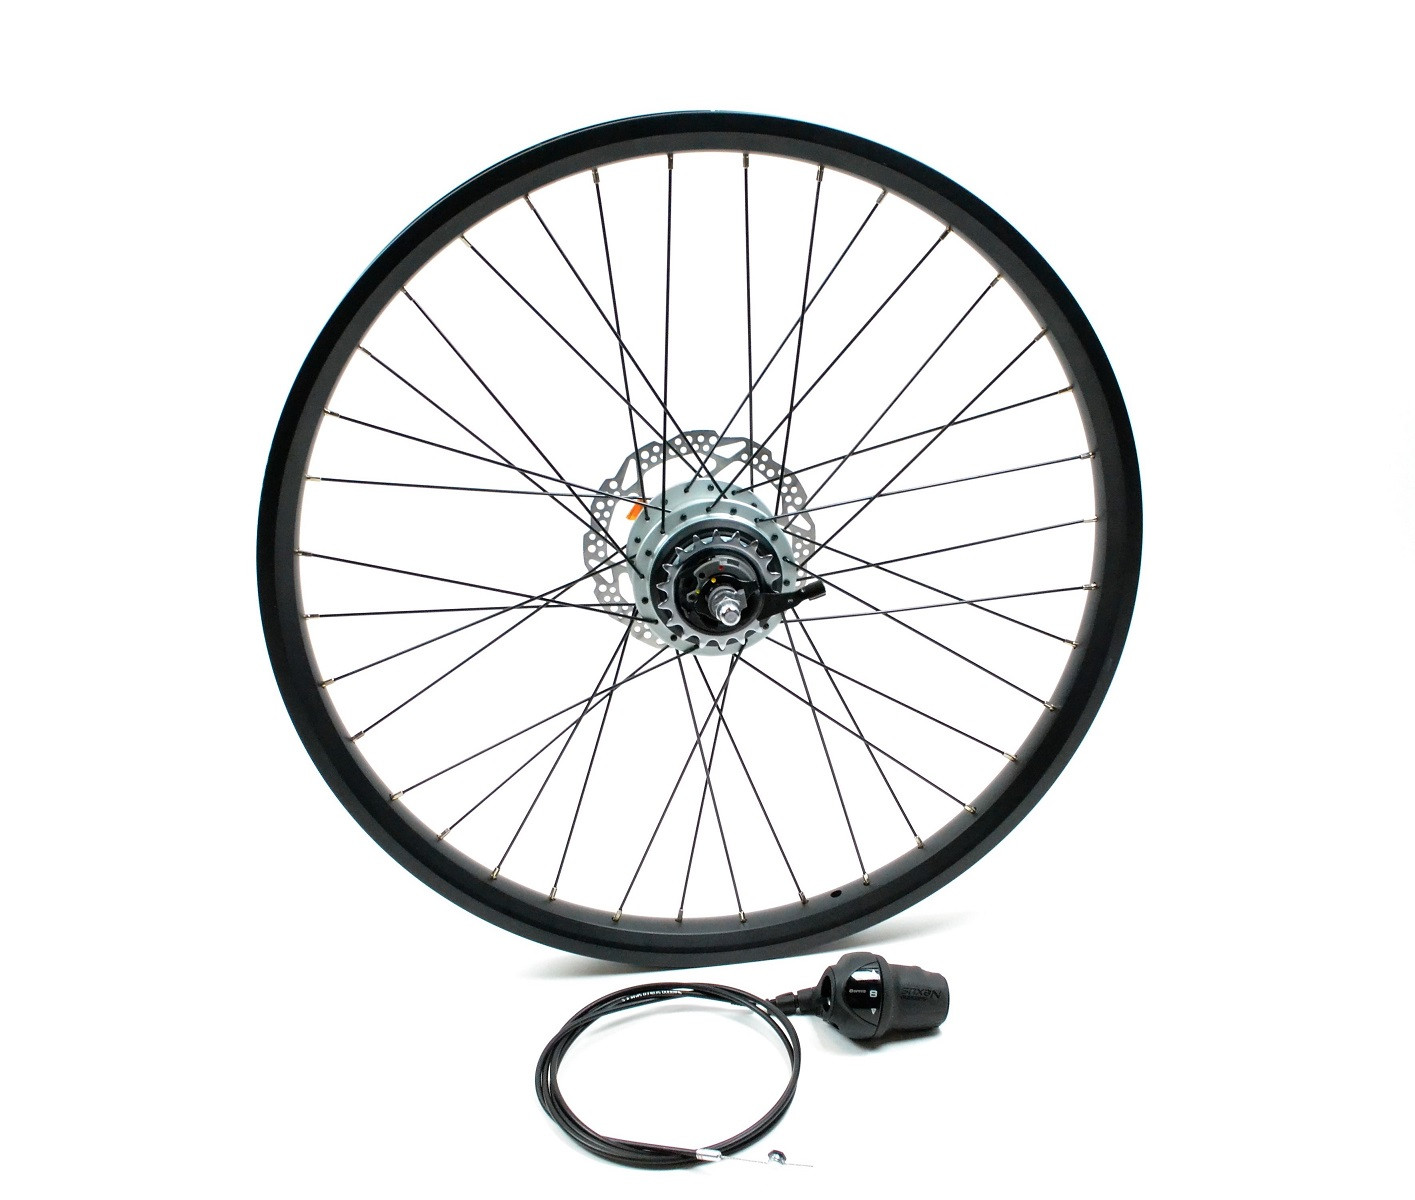 komplett bakhjul cykel